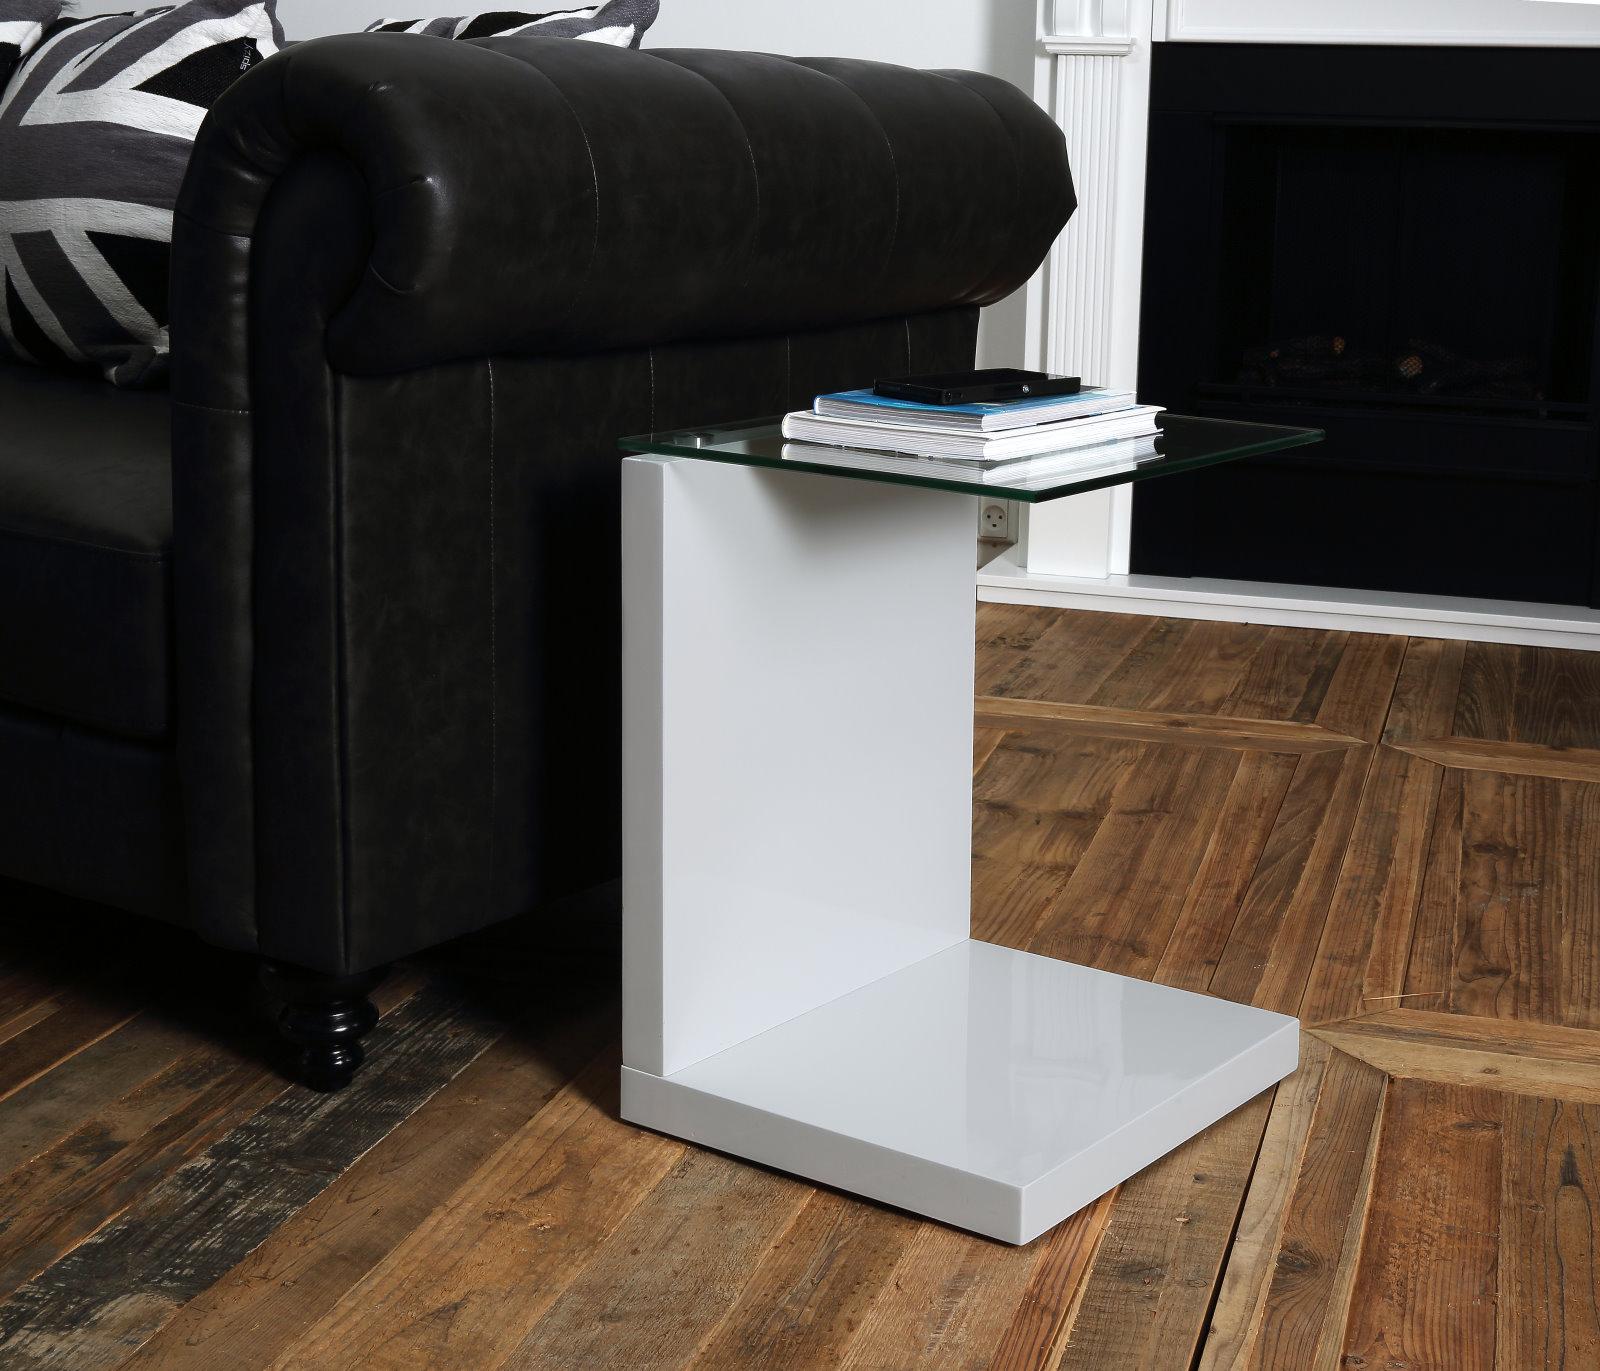 pkline beistelltisch in wei hochglanz m bel wohnen wohnzimmer. Black Bedroom Furniture Sets. Home Design Ideas